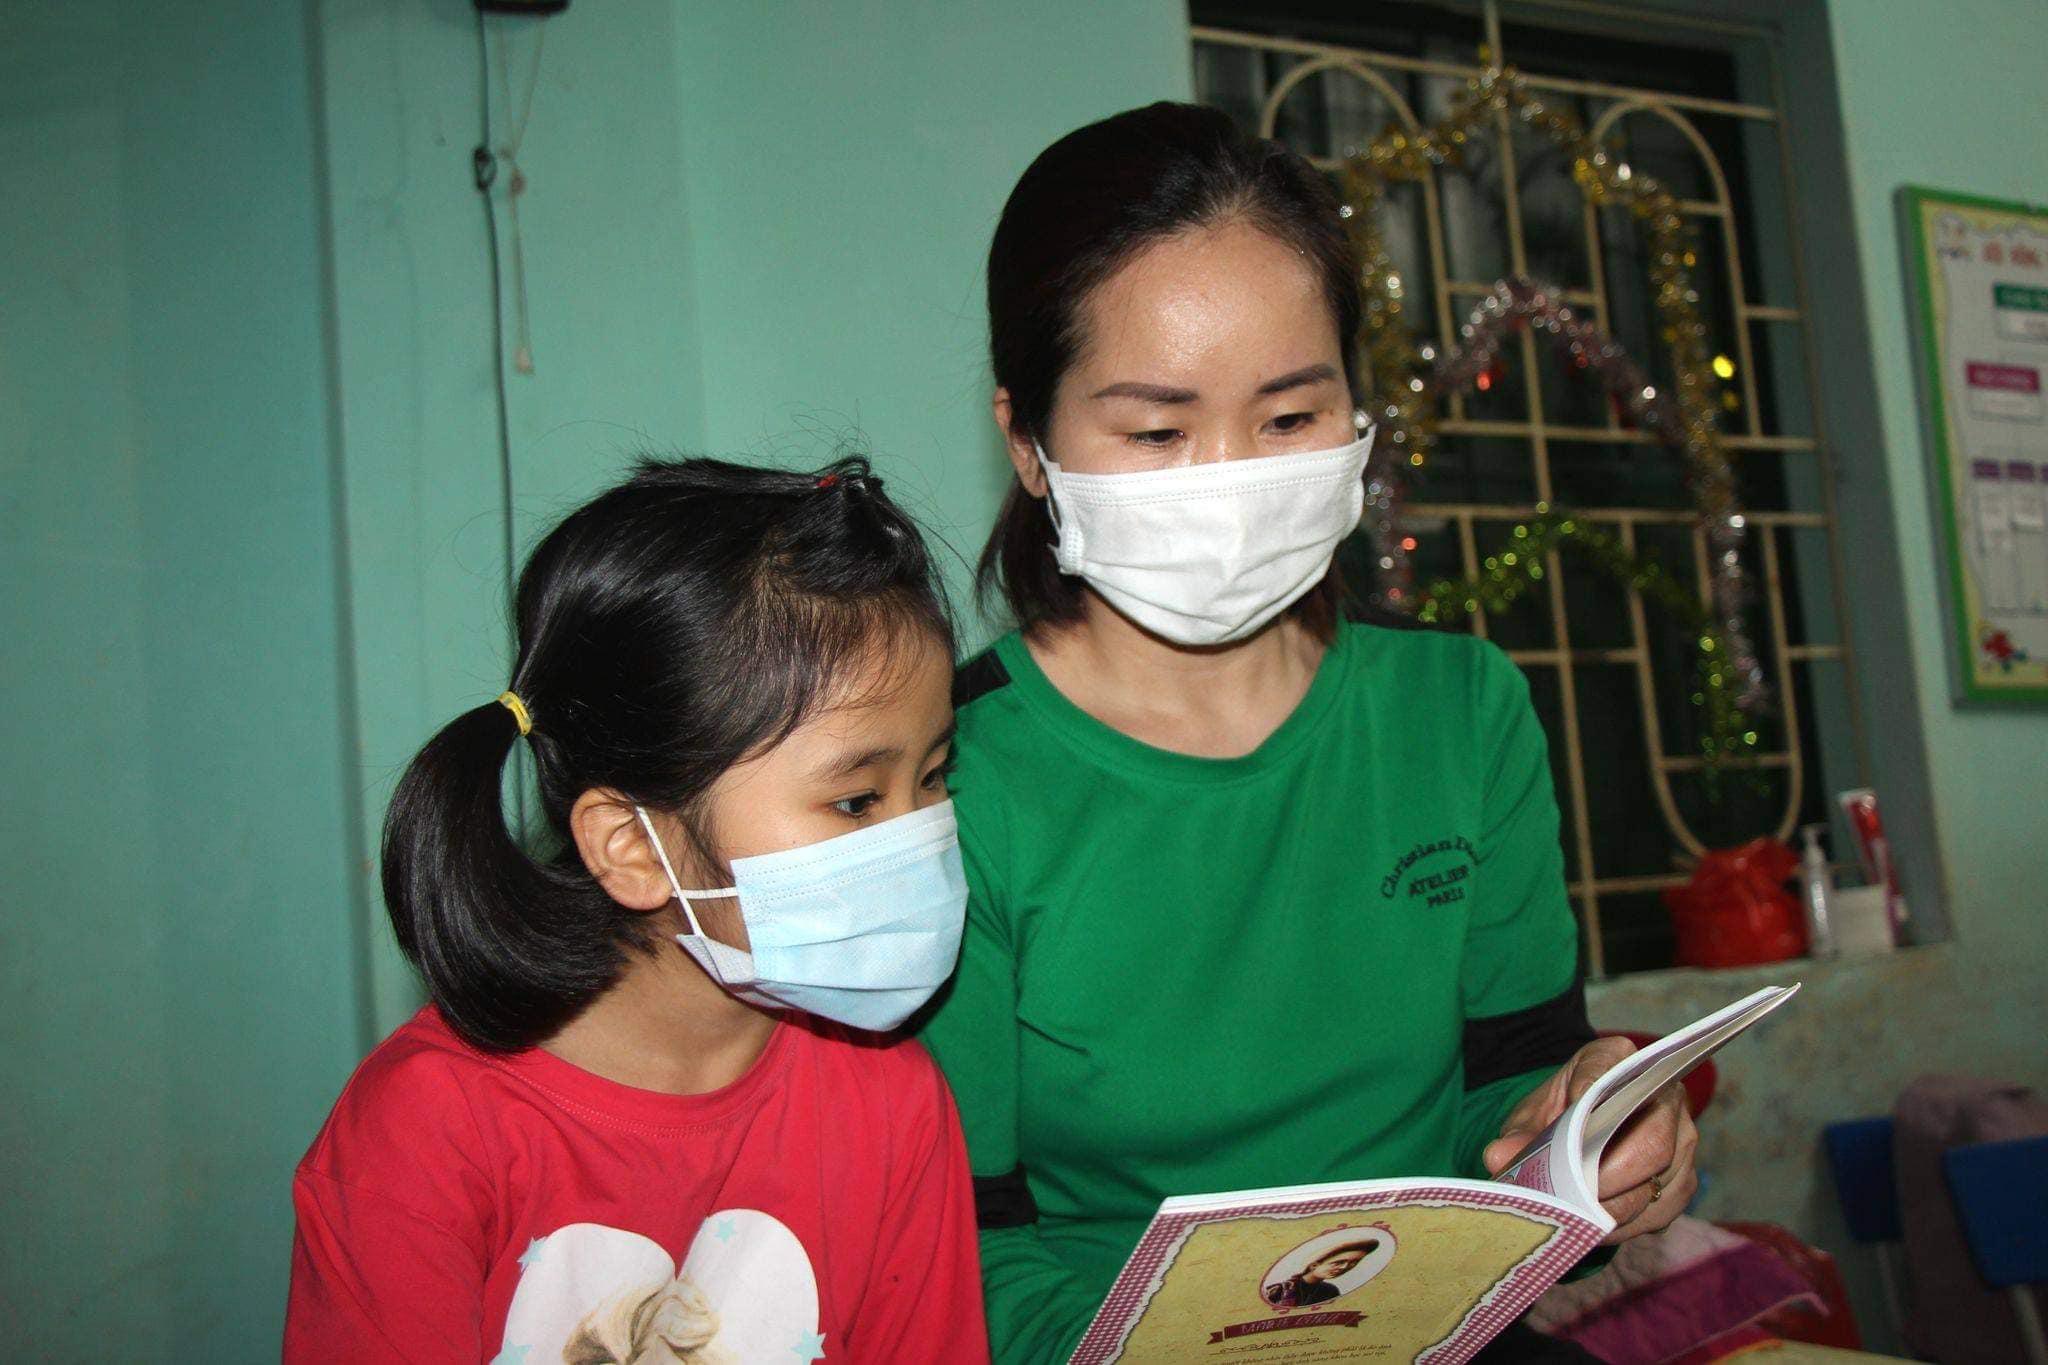 Học sinh mầm non ở Ninh Bình nghỉ học từ 10/5, học sinh thị xã Hoàng Mai, Nghệ An nghỉ học từ 7/5 - 1